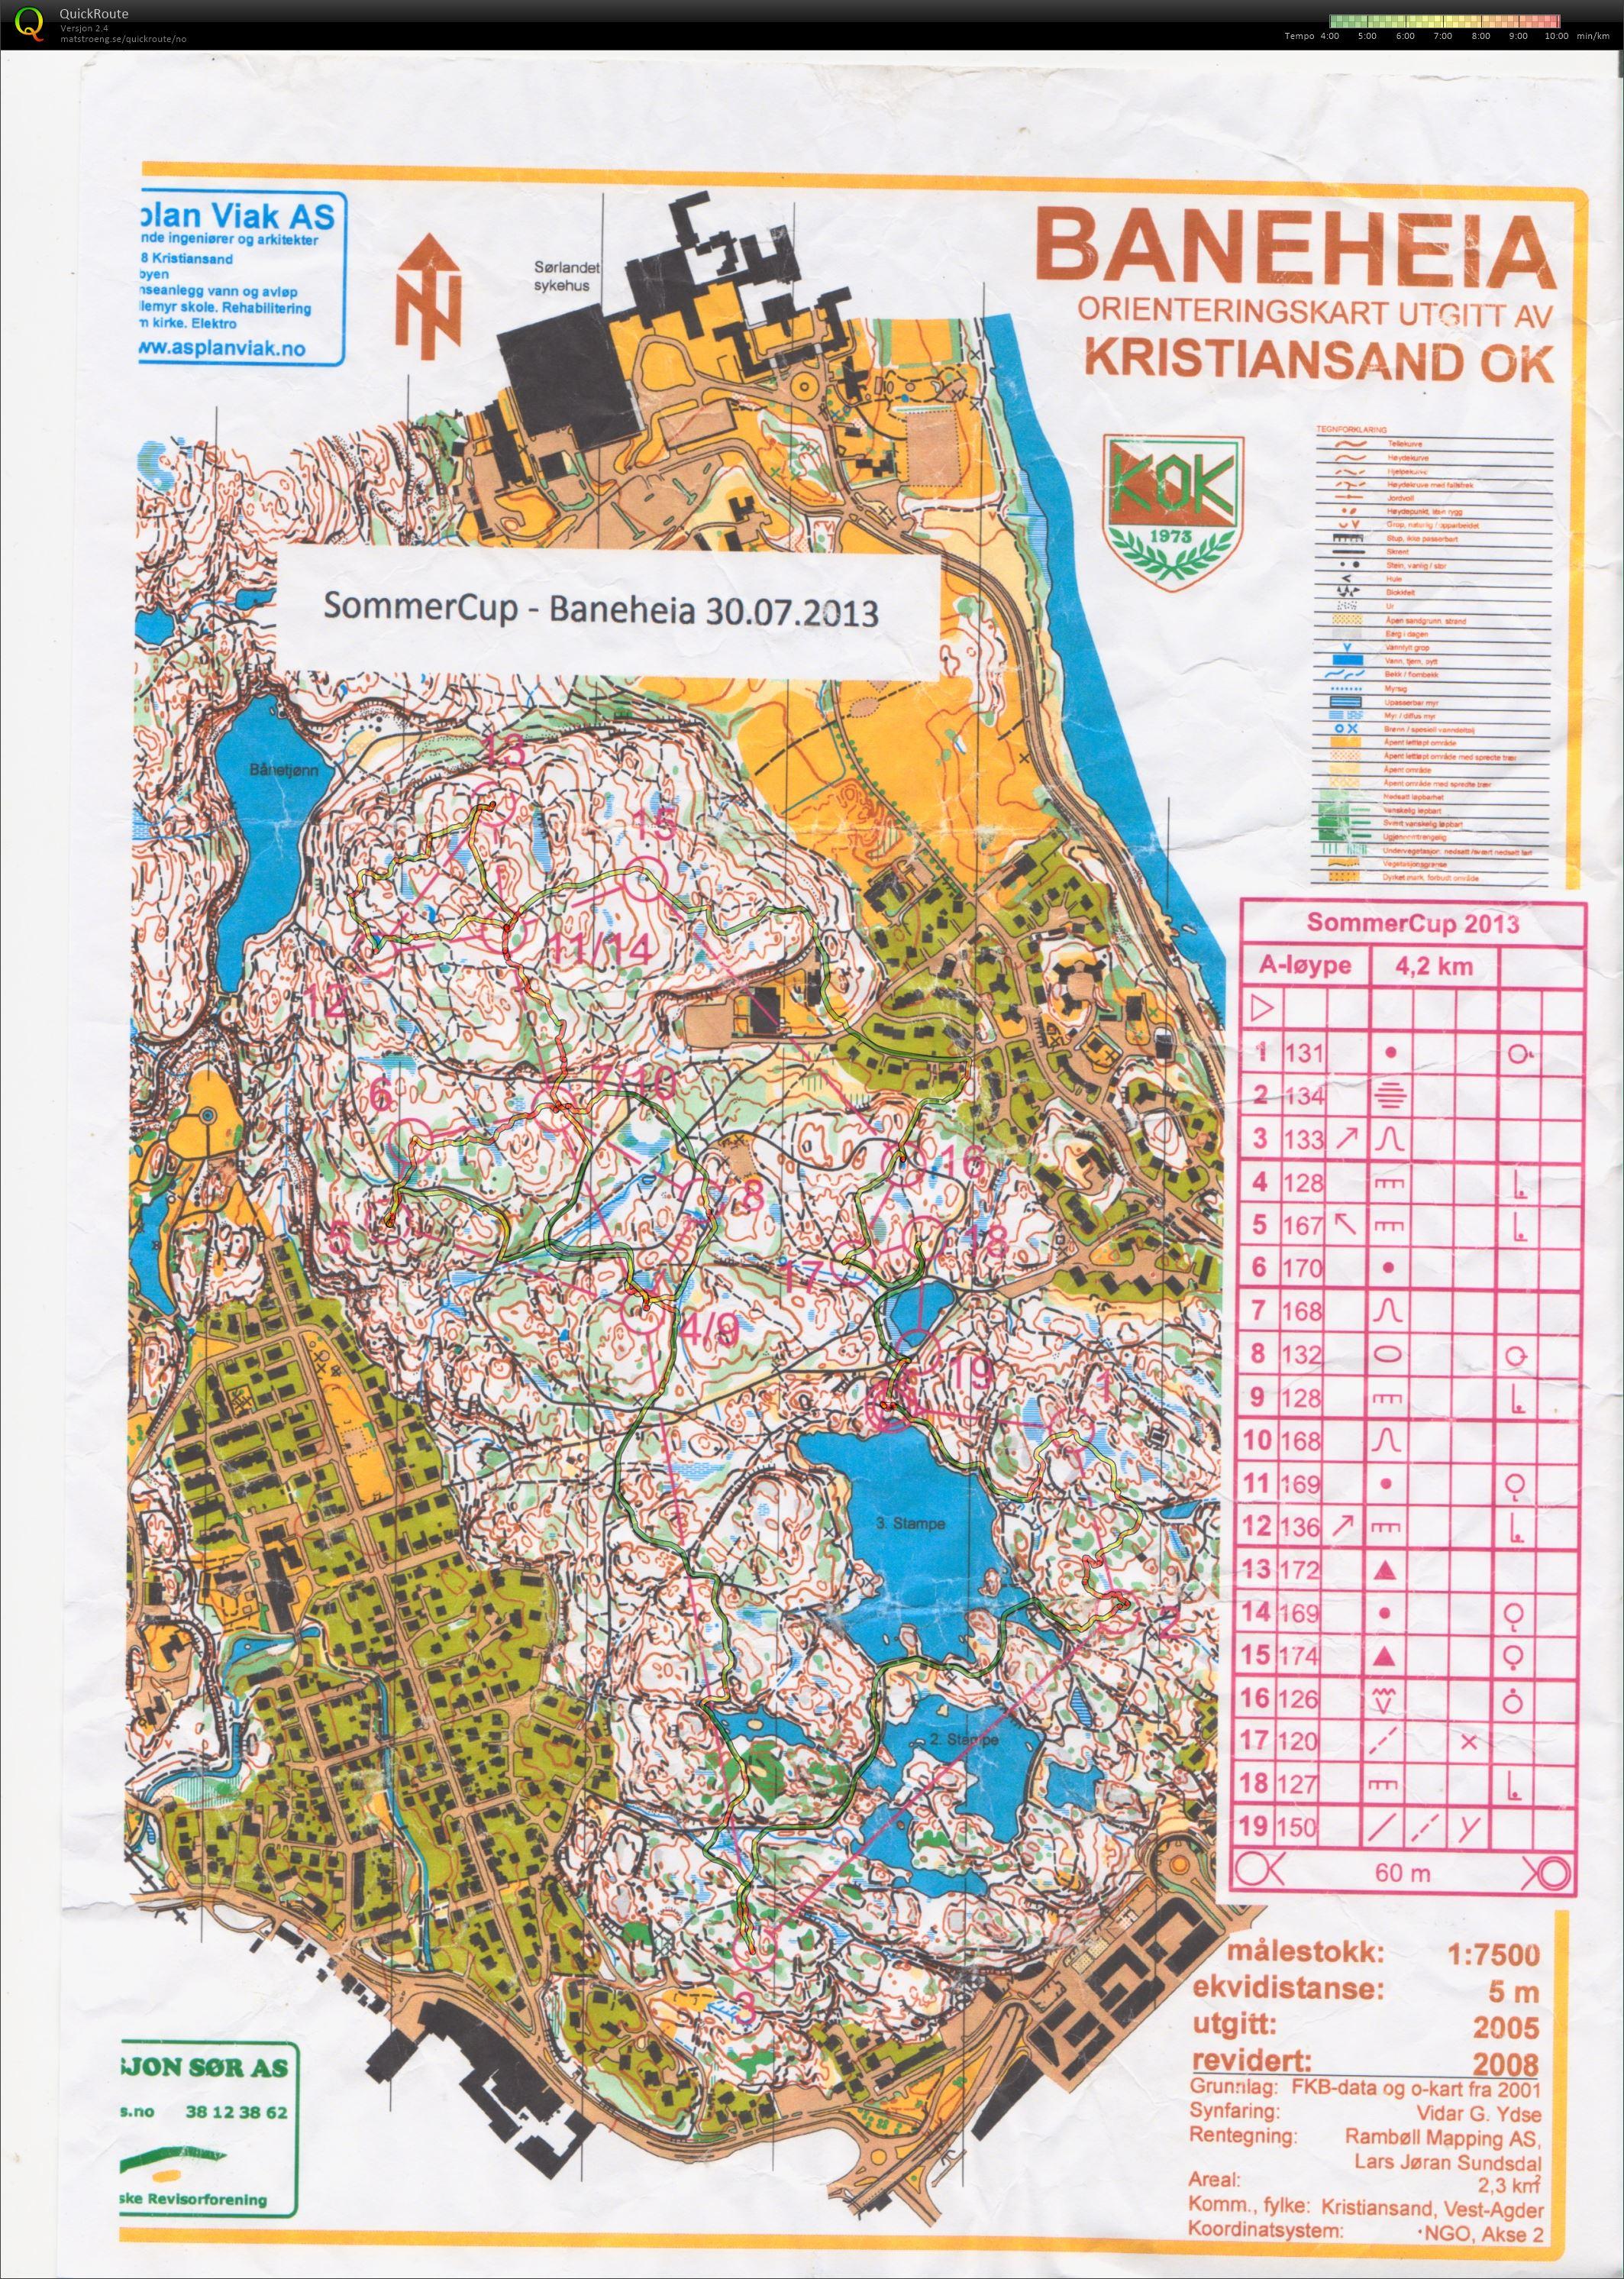 baneheia kart My digital orienteering map archive :: Sommercup Baneheia (30.07.2013) baneheia kart